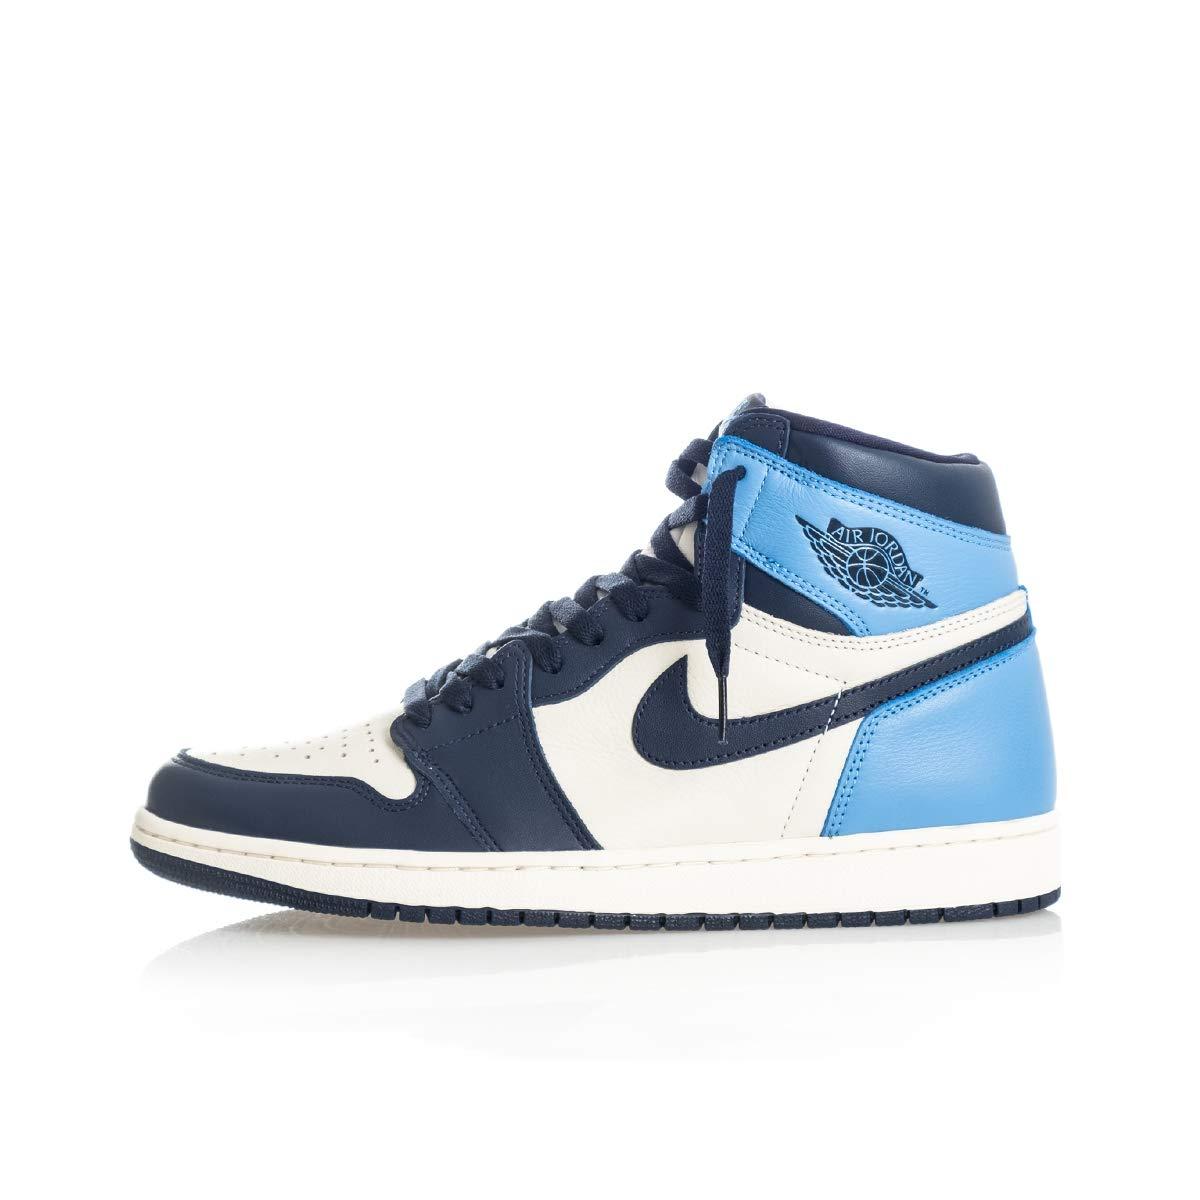 """Jordan Men's Air Jordan 1 Retro High OG """"Obsidian/University Blue"""""""